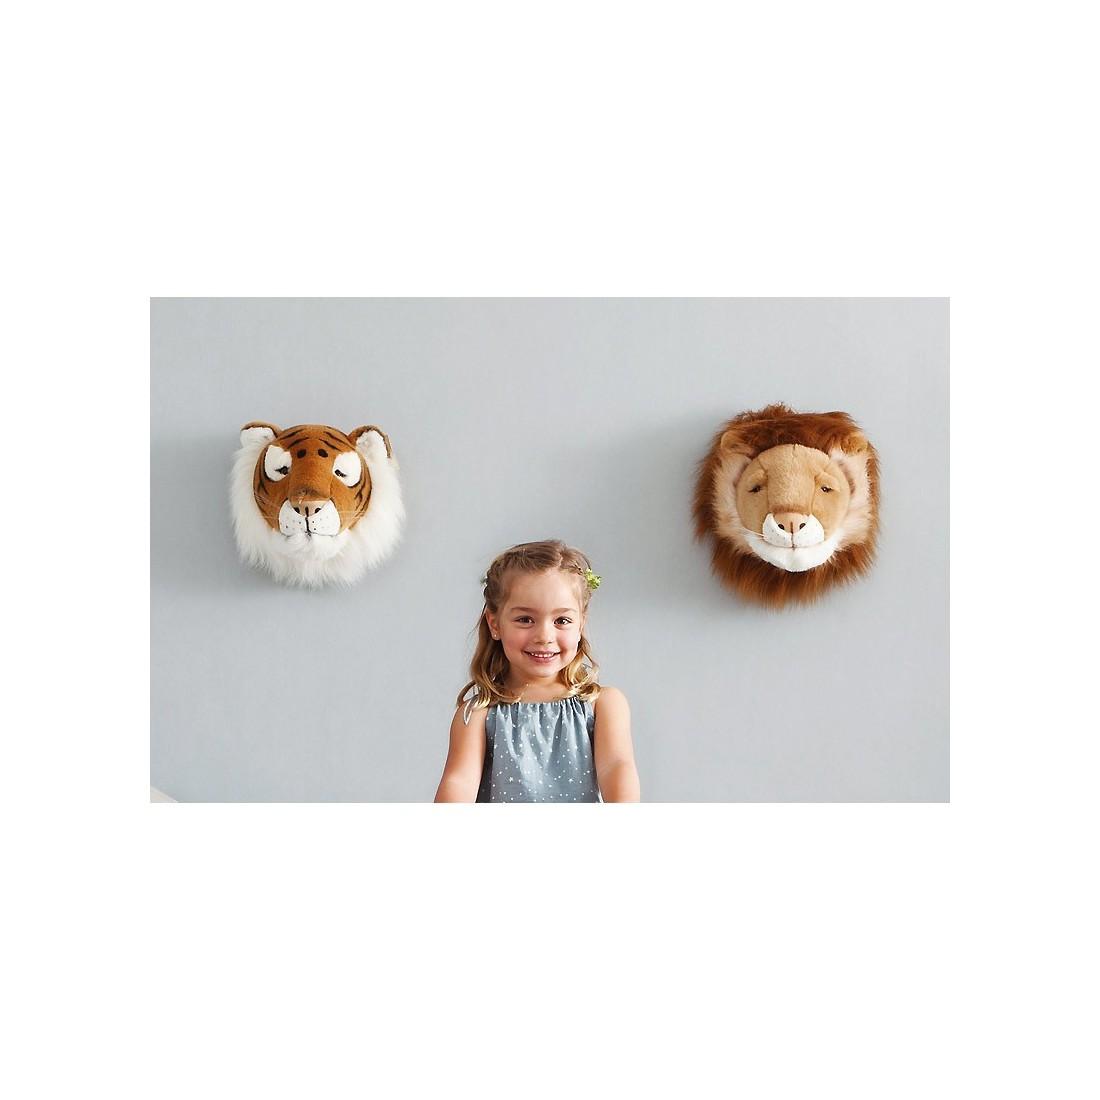 D co murale enfant peluche t te de lion bibib ma chambramoi - Deco murale enfant ...